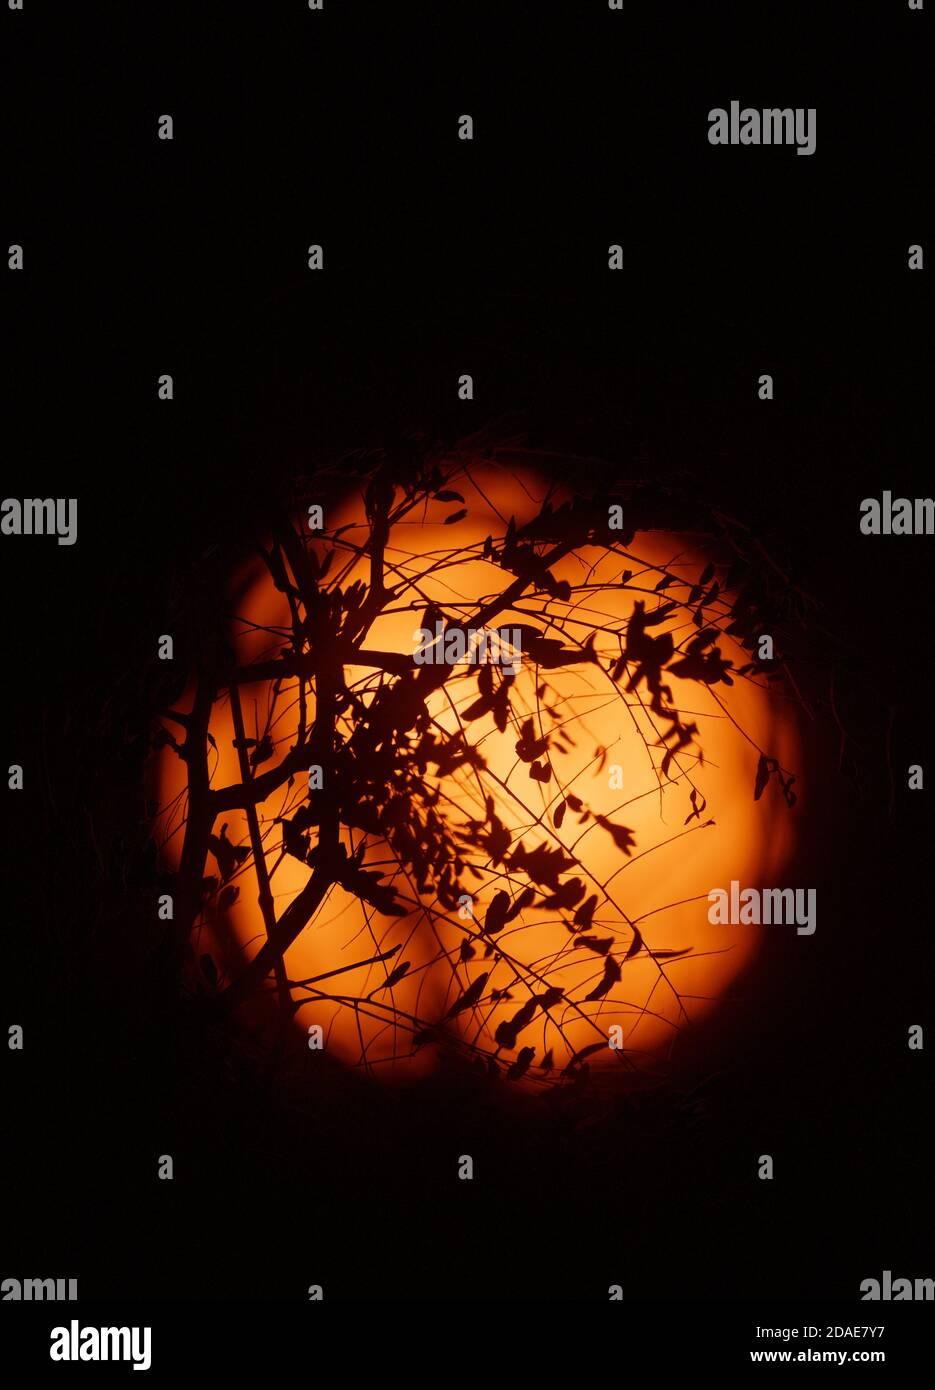 Londres, Reino Unido. 12 de noviembre de 2020. El Sol fotografiado con un filtro solar de luz blanca a través de las ramas otoñales. Crédito: Malcolm Park/Alamy Live News. Foto de stock